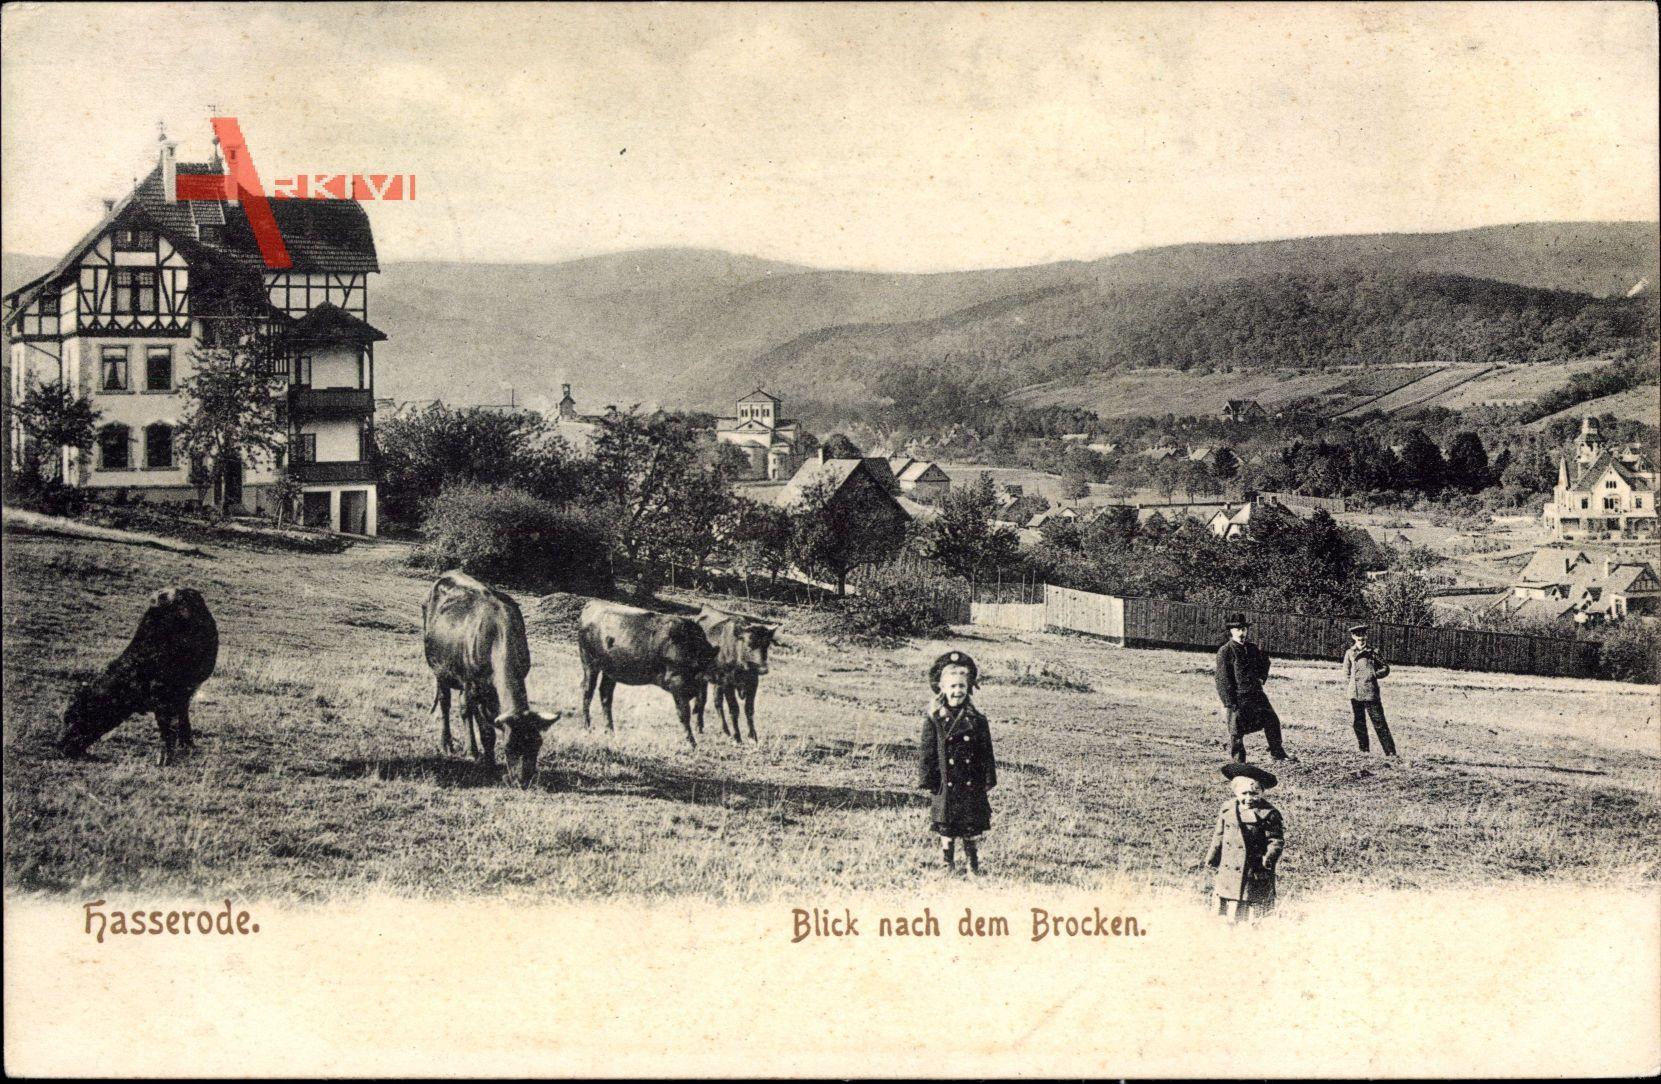 Hasserode Wernigerode am Harz, Rinder auf der Weide, Kinder, Häuser